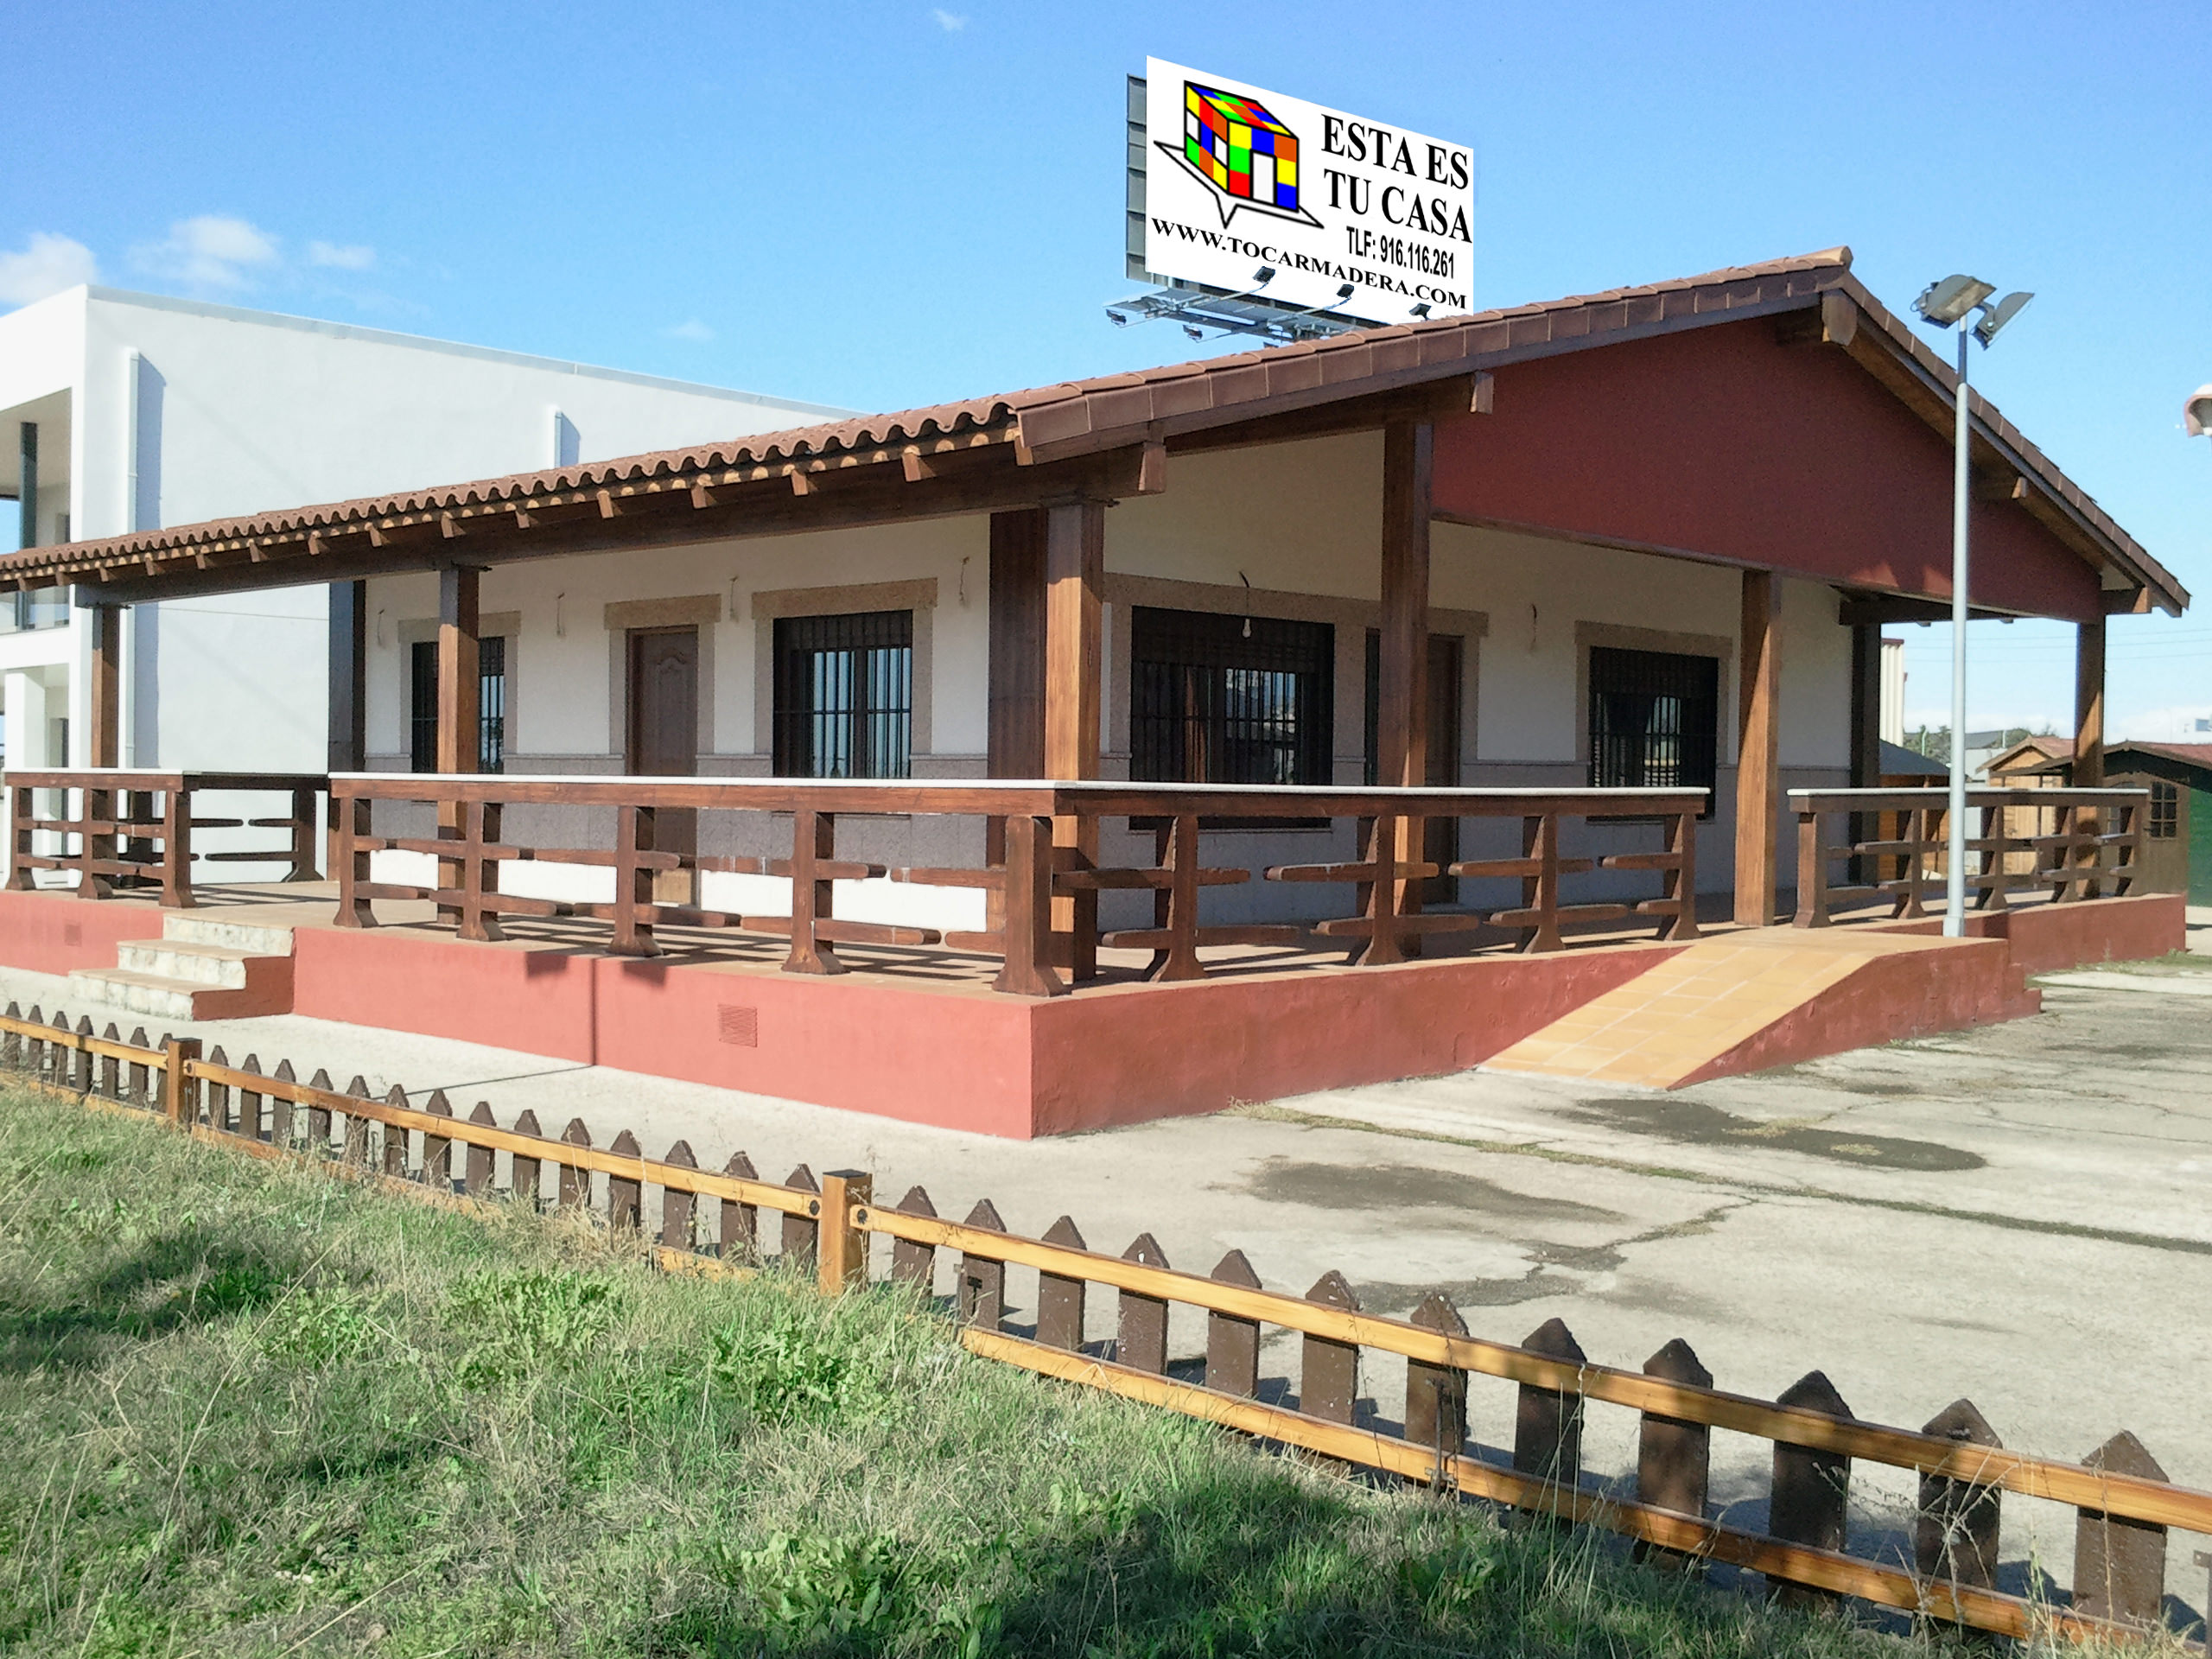 Casa de hormig n acero y piedra modelo andaluc a - Casas de acero prefabricadas ...